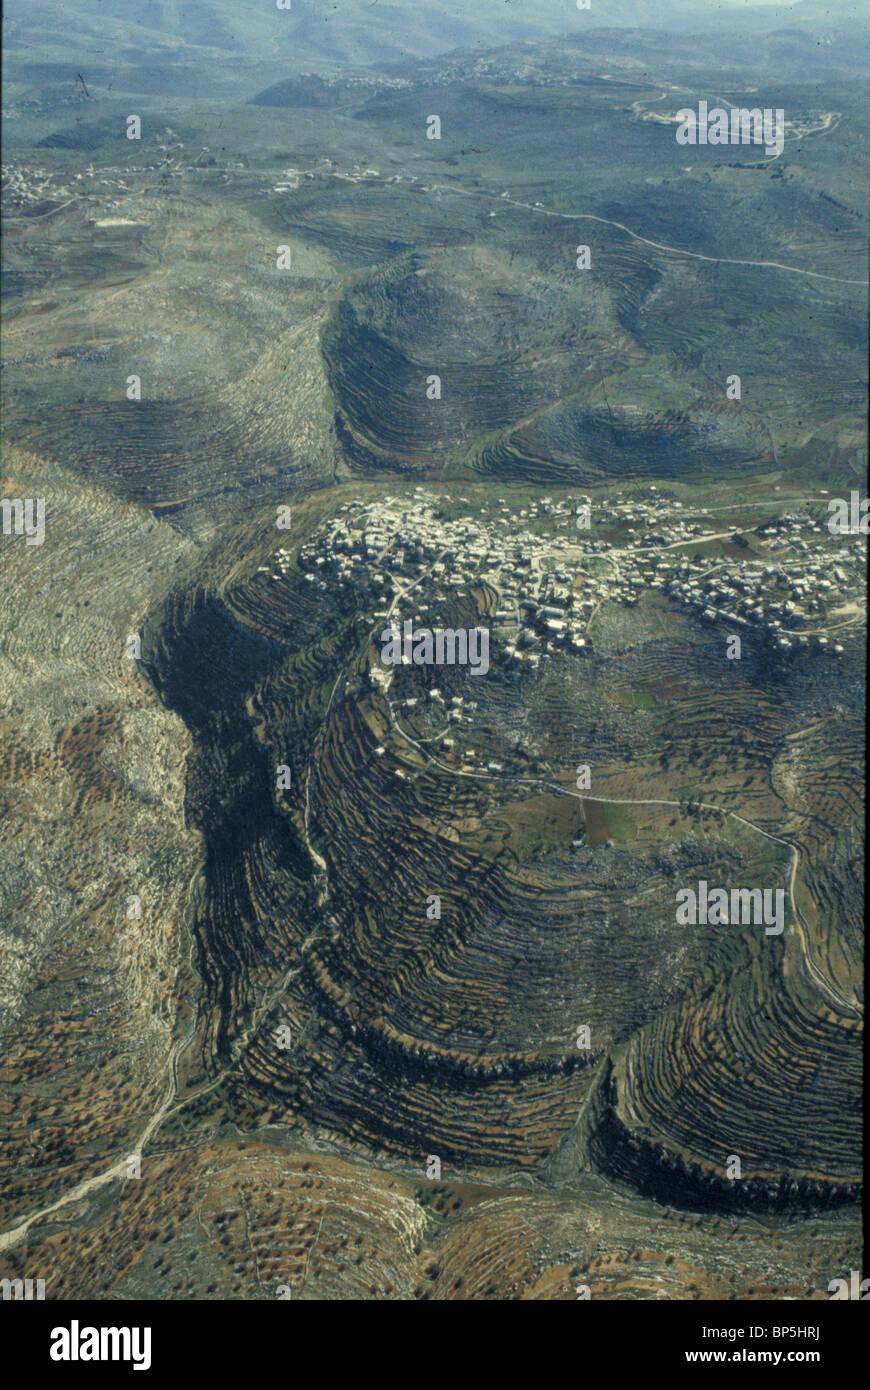 3653. Samarie - LA MONTAGNE AU NORD DE JÉRUSALEM, ALOTED À LA TRIBU DE BINJAMIN Photo Stock